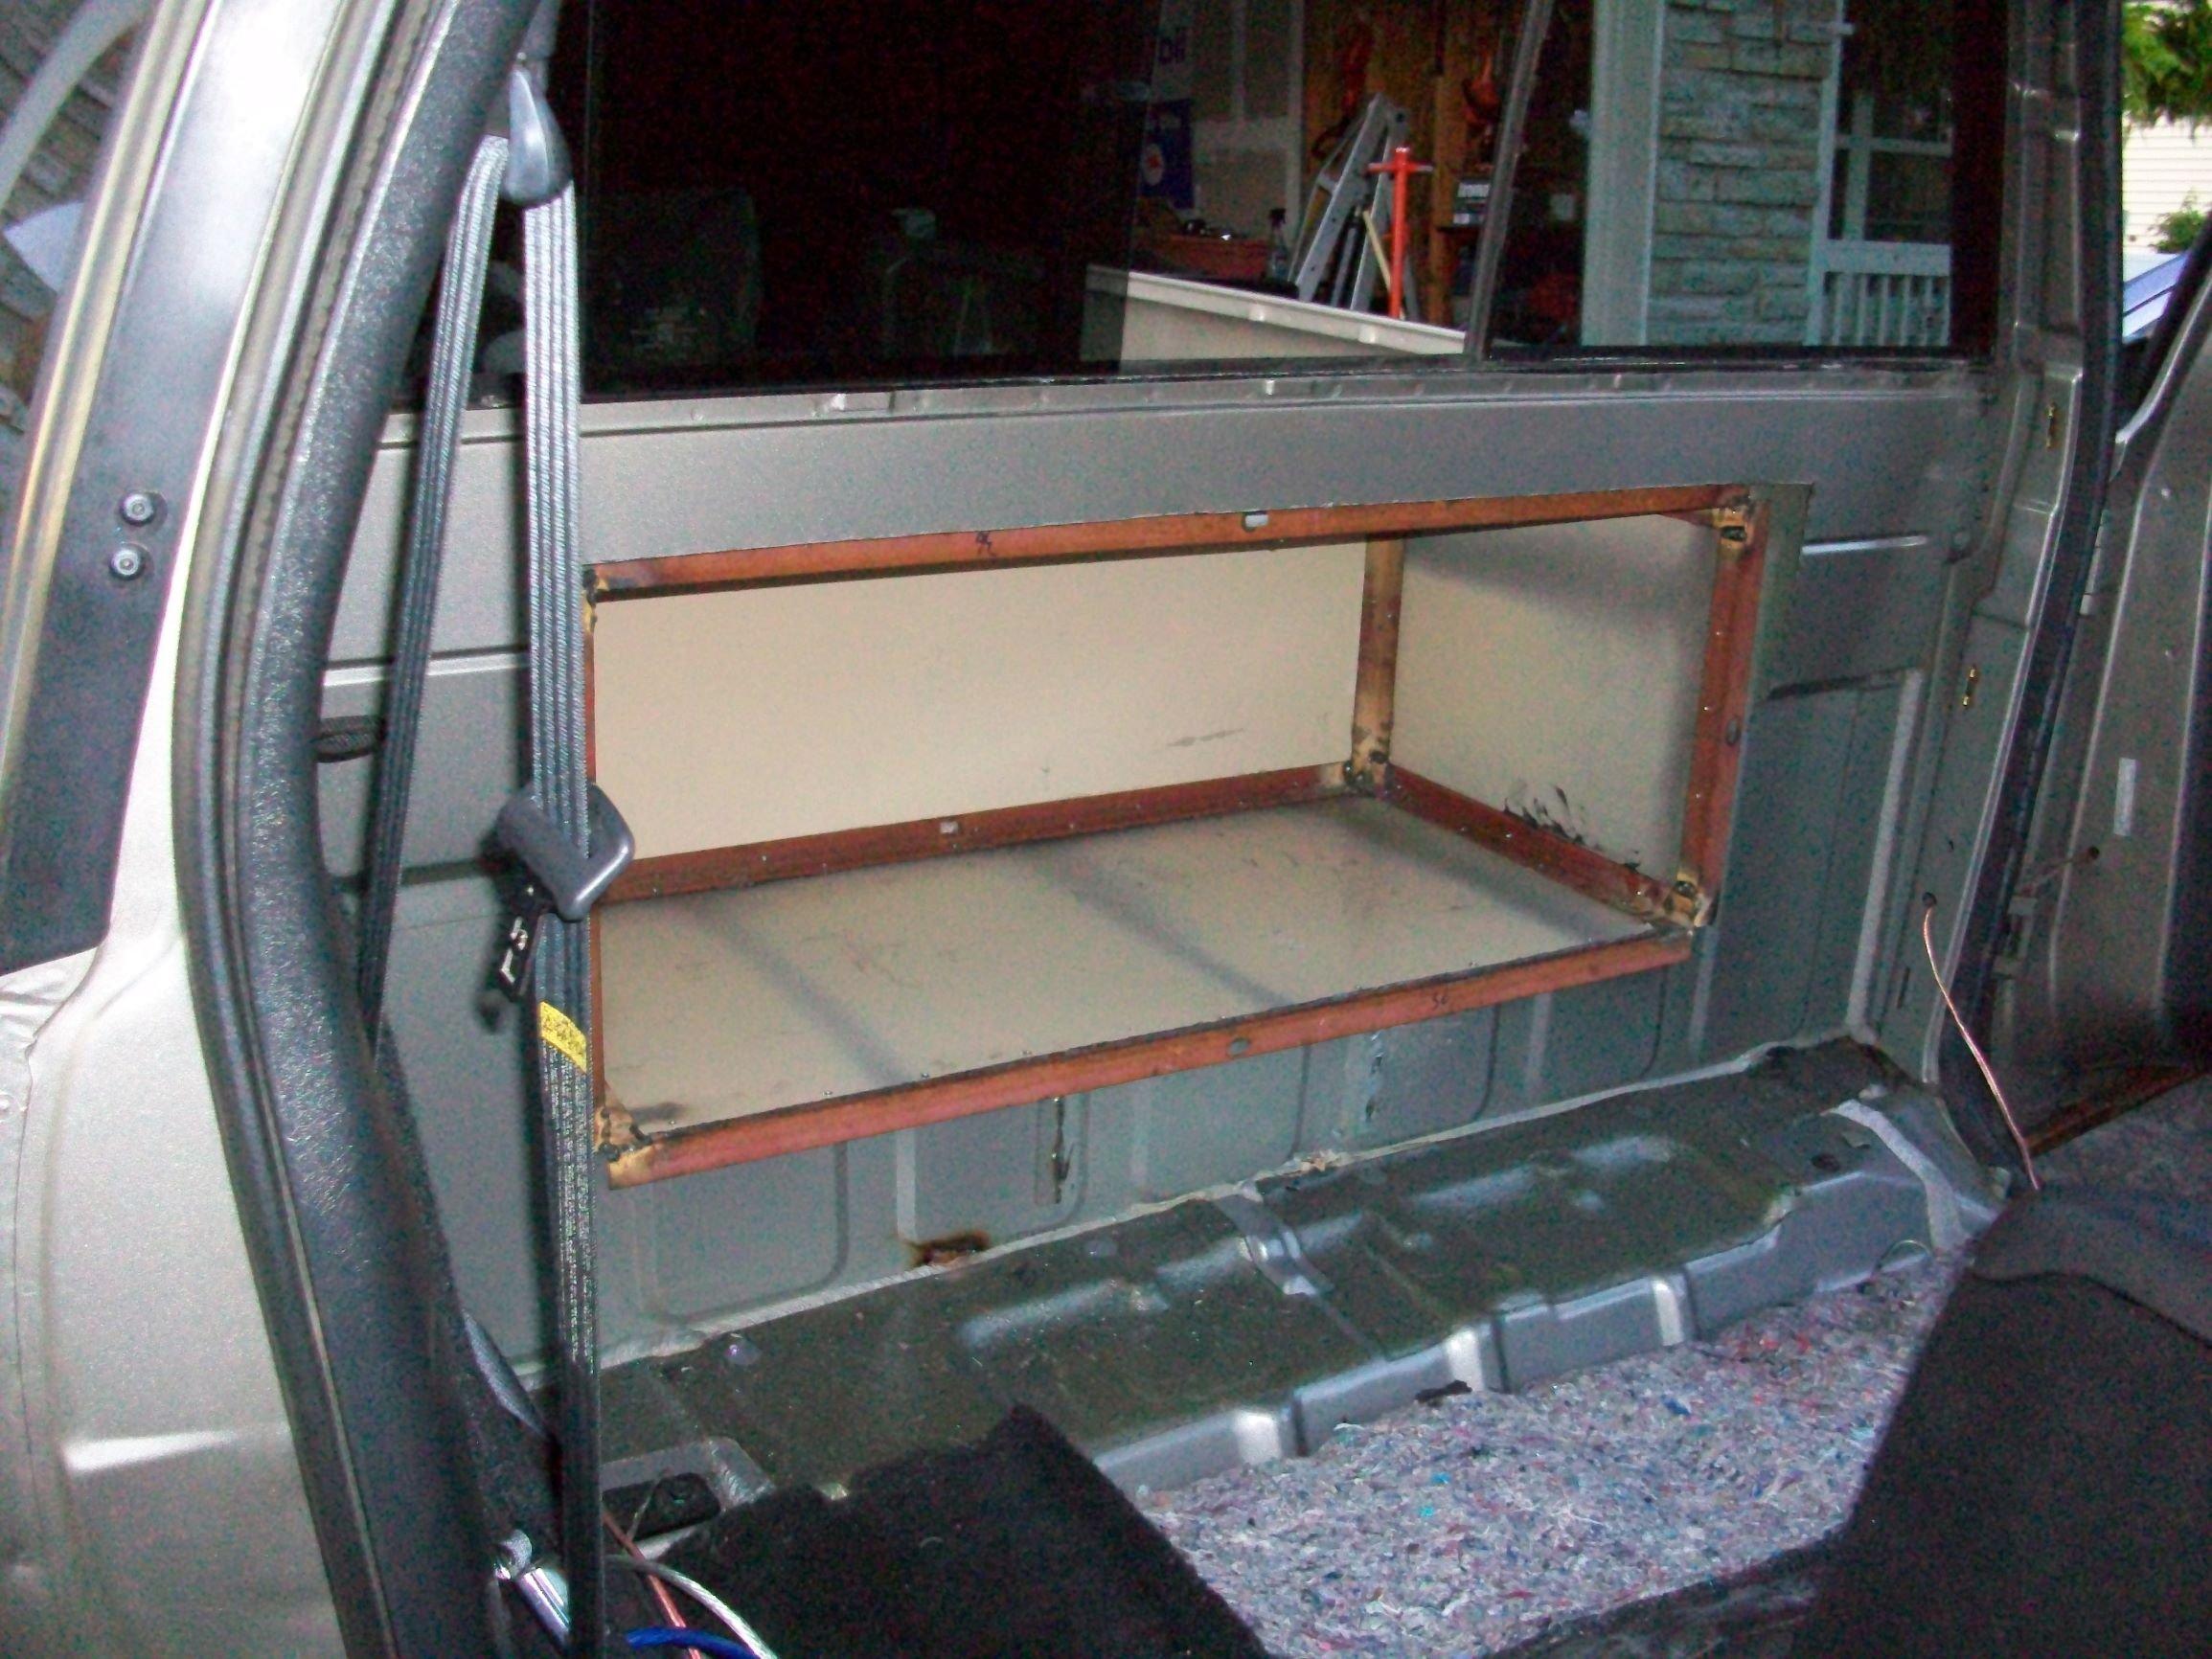 Blow Through Box : blow through box design ideas subwoofers enclosures 1 car audio enthusiast forum in the ~ Russianpoet.info Haus und Dekorationen